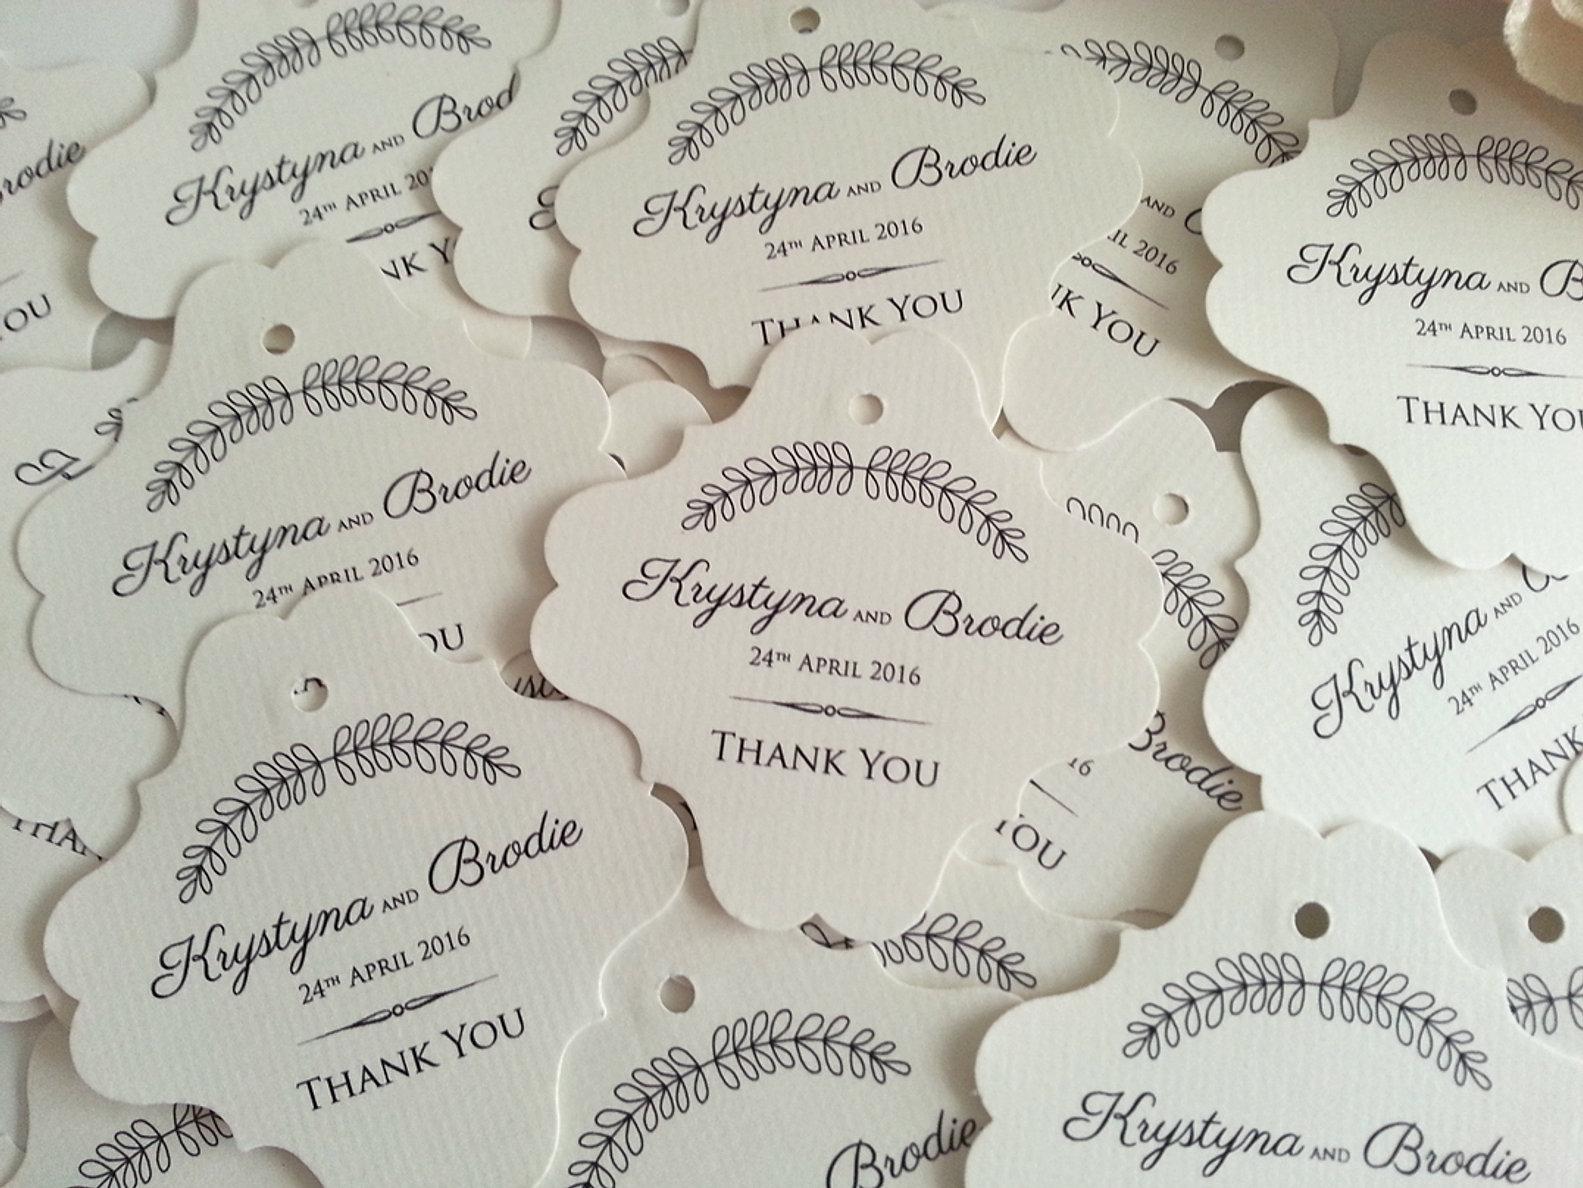 Wedding Gift Ideas Sydney: Looking For Wedding Invitation @ Sydney